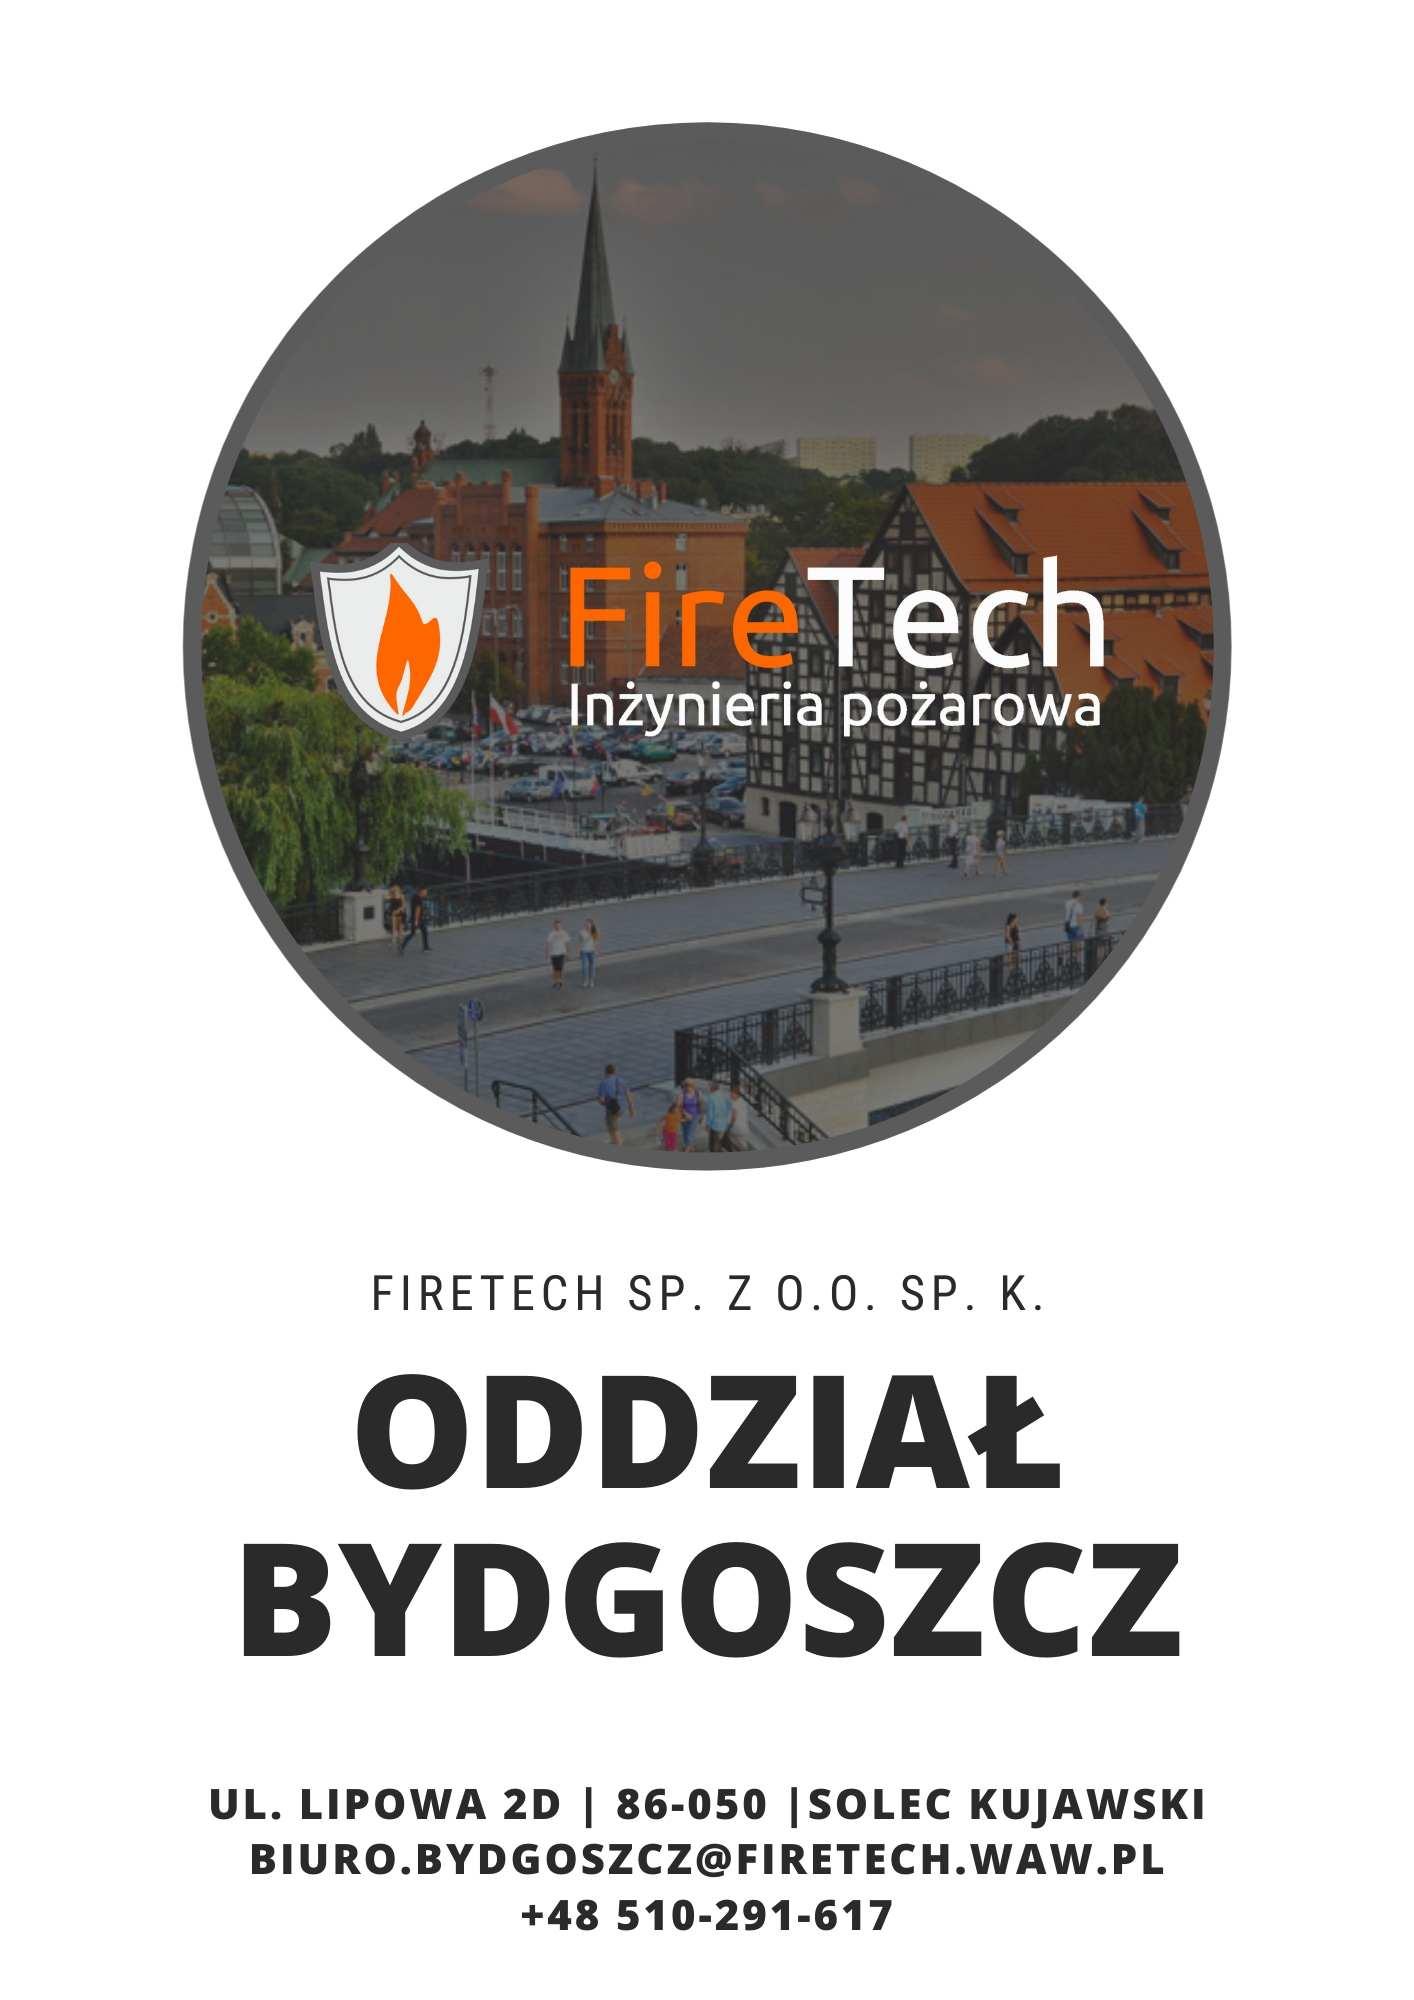 Firetech - oddział w Bydgoszczy - usługi przeciwpożarowe, zabezpieczenia ppoż, serwis ppoż, projekty ppoż.